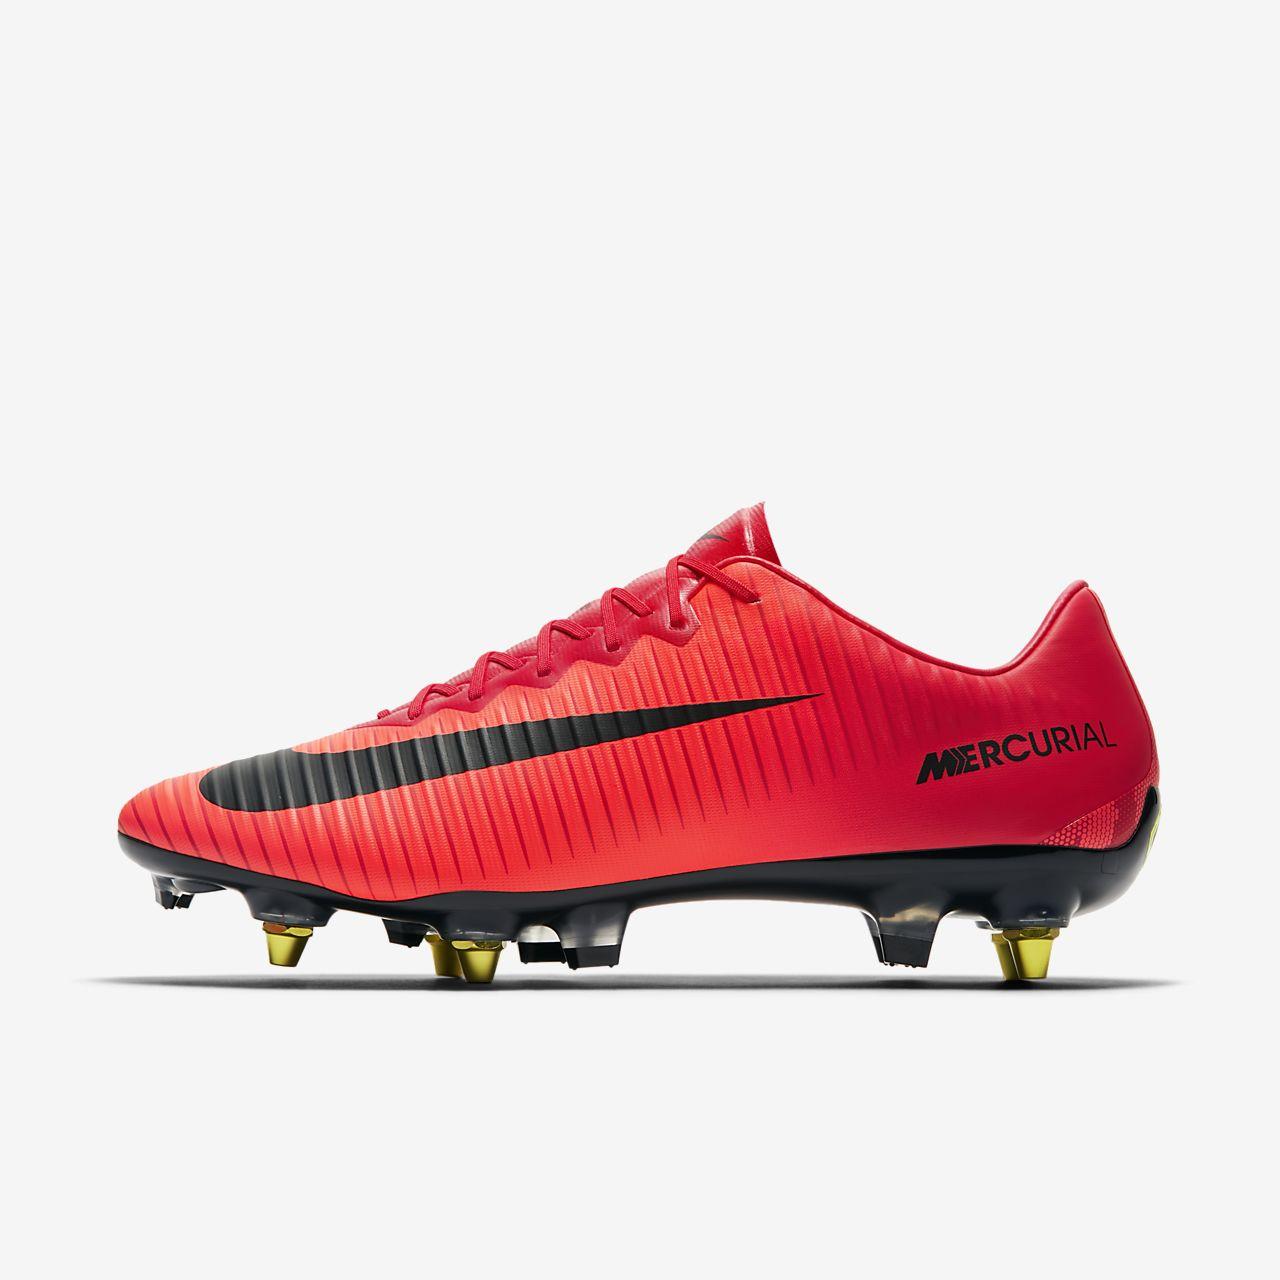 personalizza le tue scarpe da calcio nike